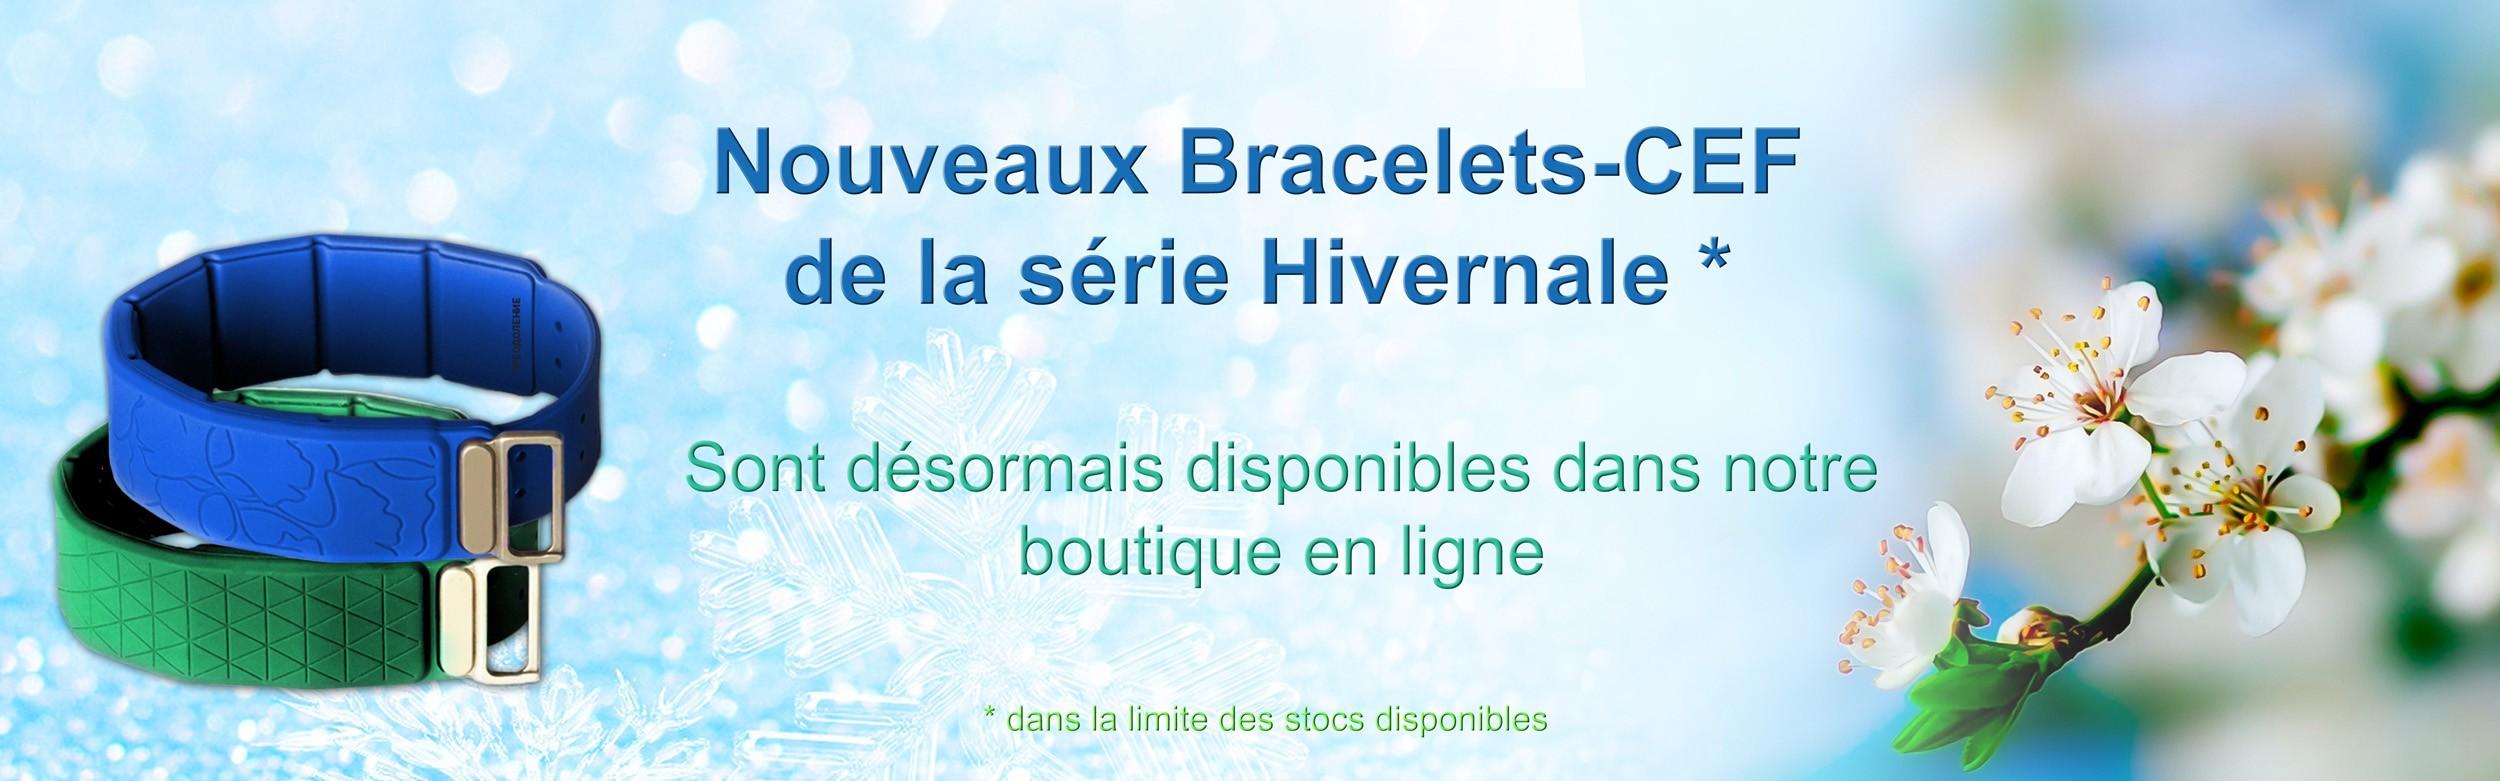 Nouveaux Bracelets-CEF série Hivernale